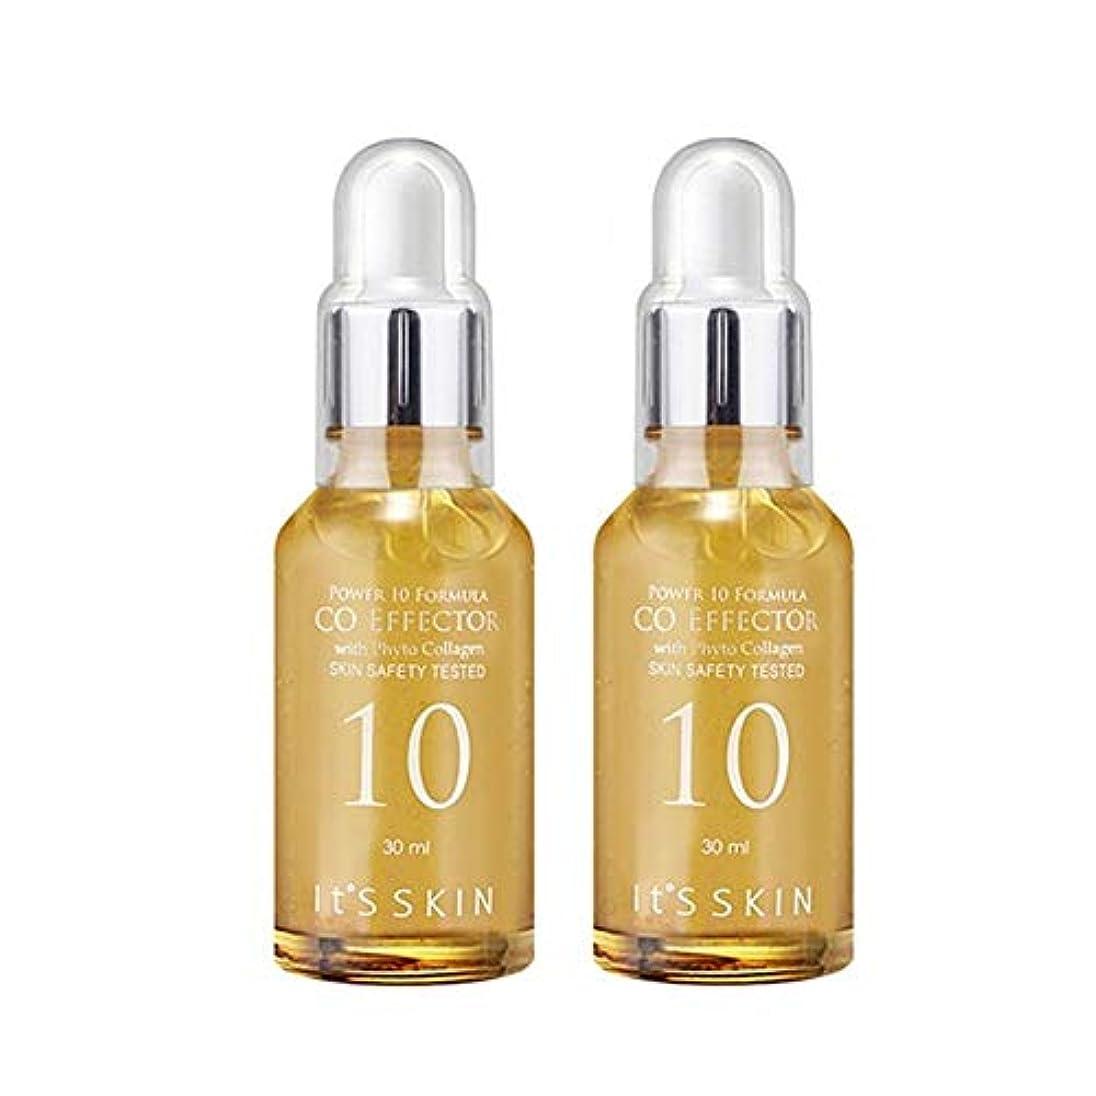 生き残りニコチンデンマークイッツスキンパワー10フォーミュラCO、エフェクターエッセンス30ml x 2本セット、It's Skin Power 10 Formula CO Effector Essence 30ml x 2ea Set [並行輸入品]